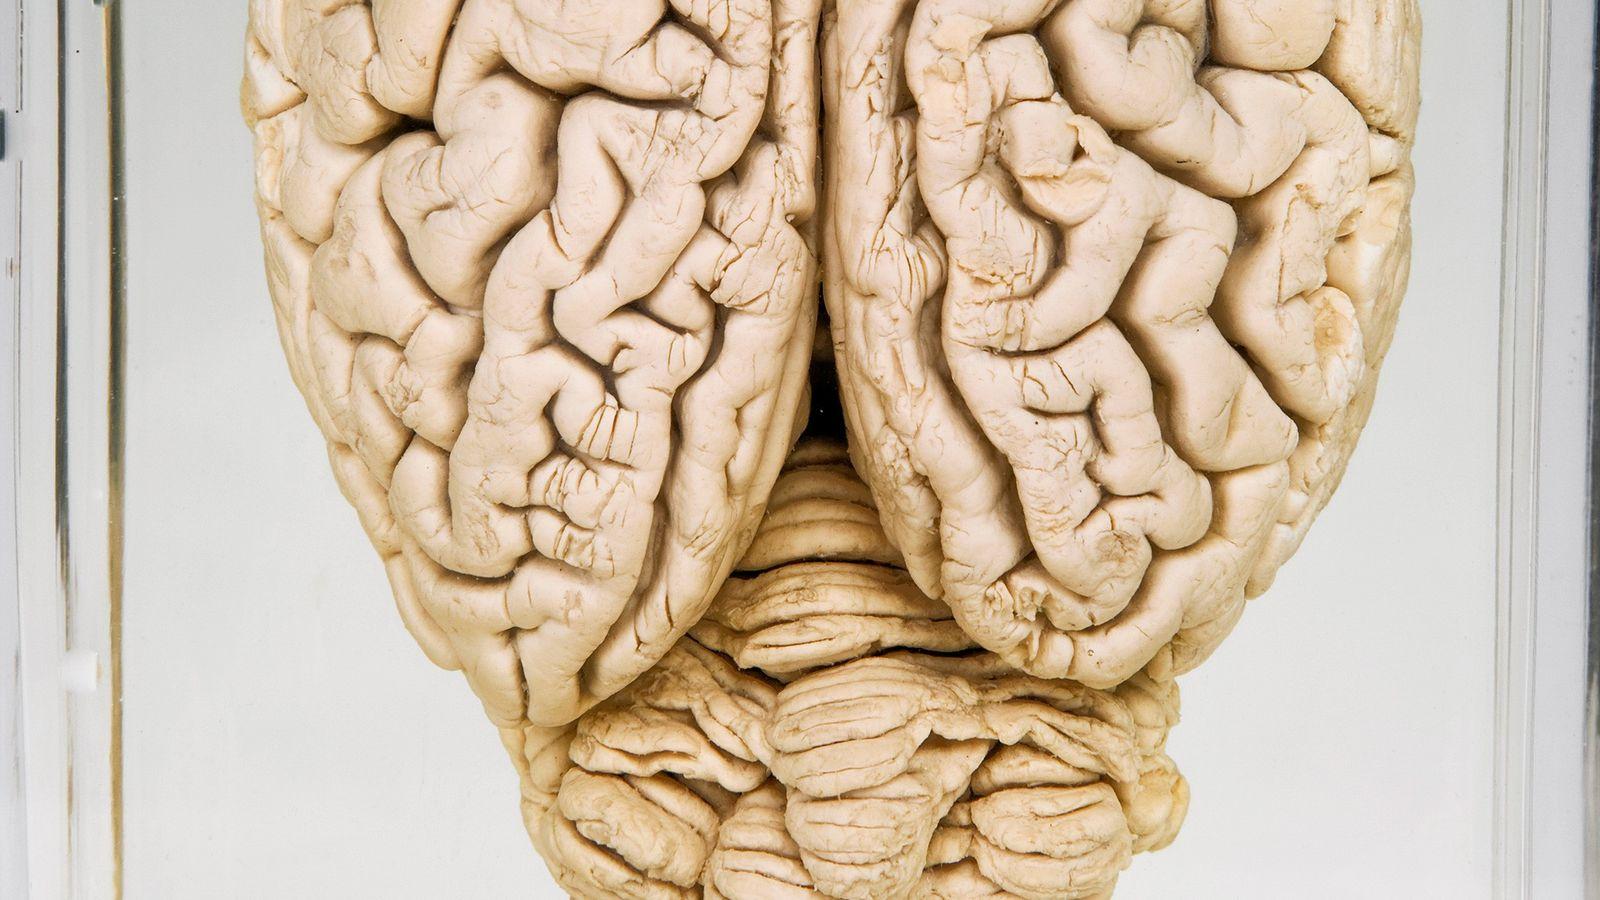 Cette photo montre un cerveau de cochon préservé. À l'aide de cerveaux d'animaux abattus pour leur ...